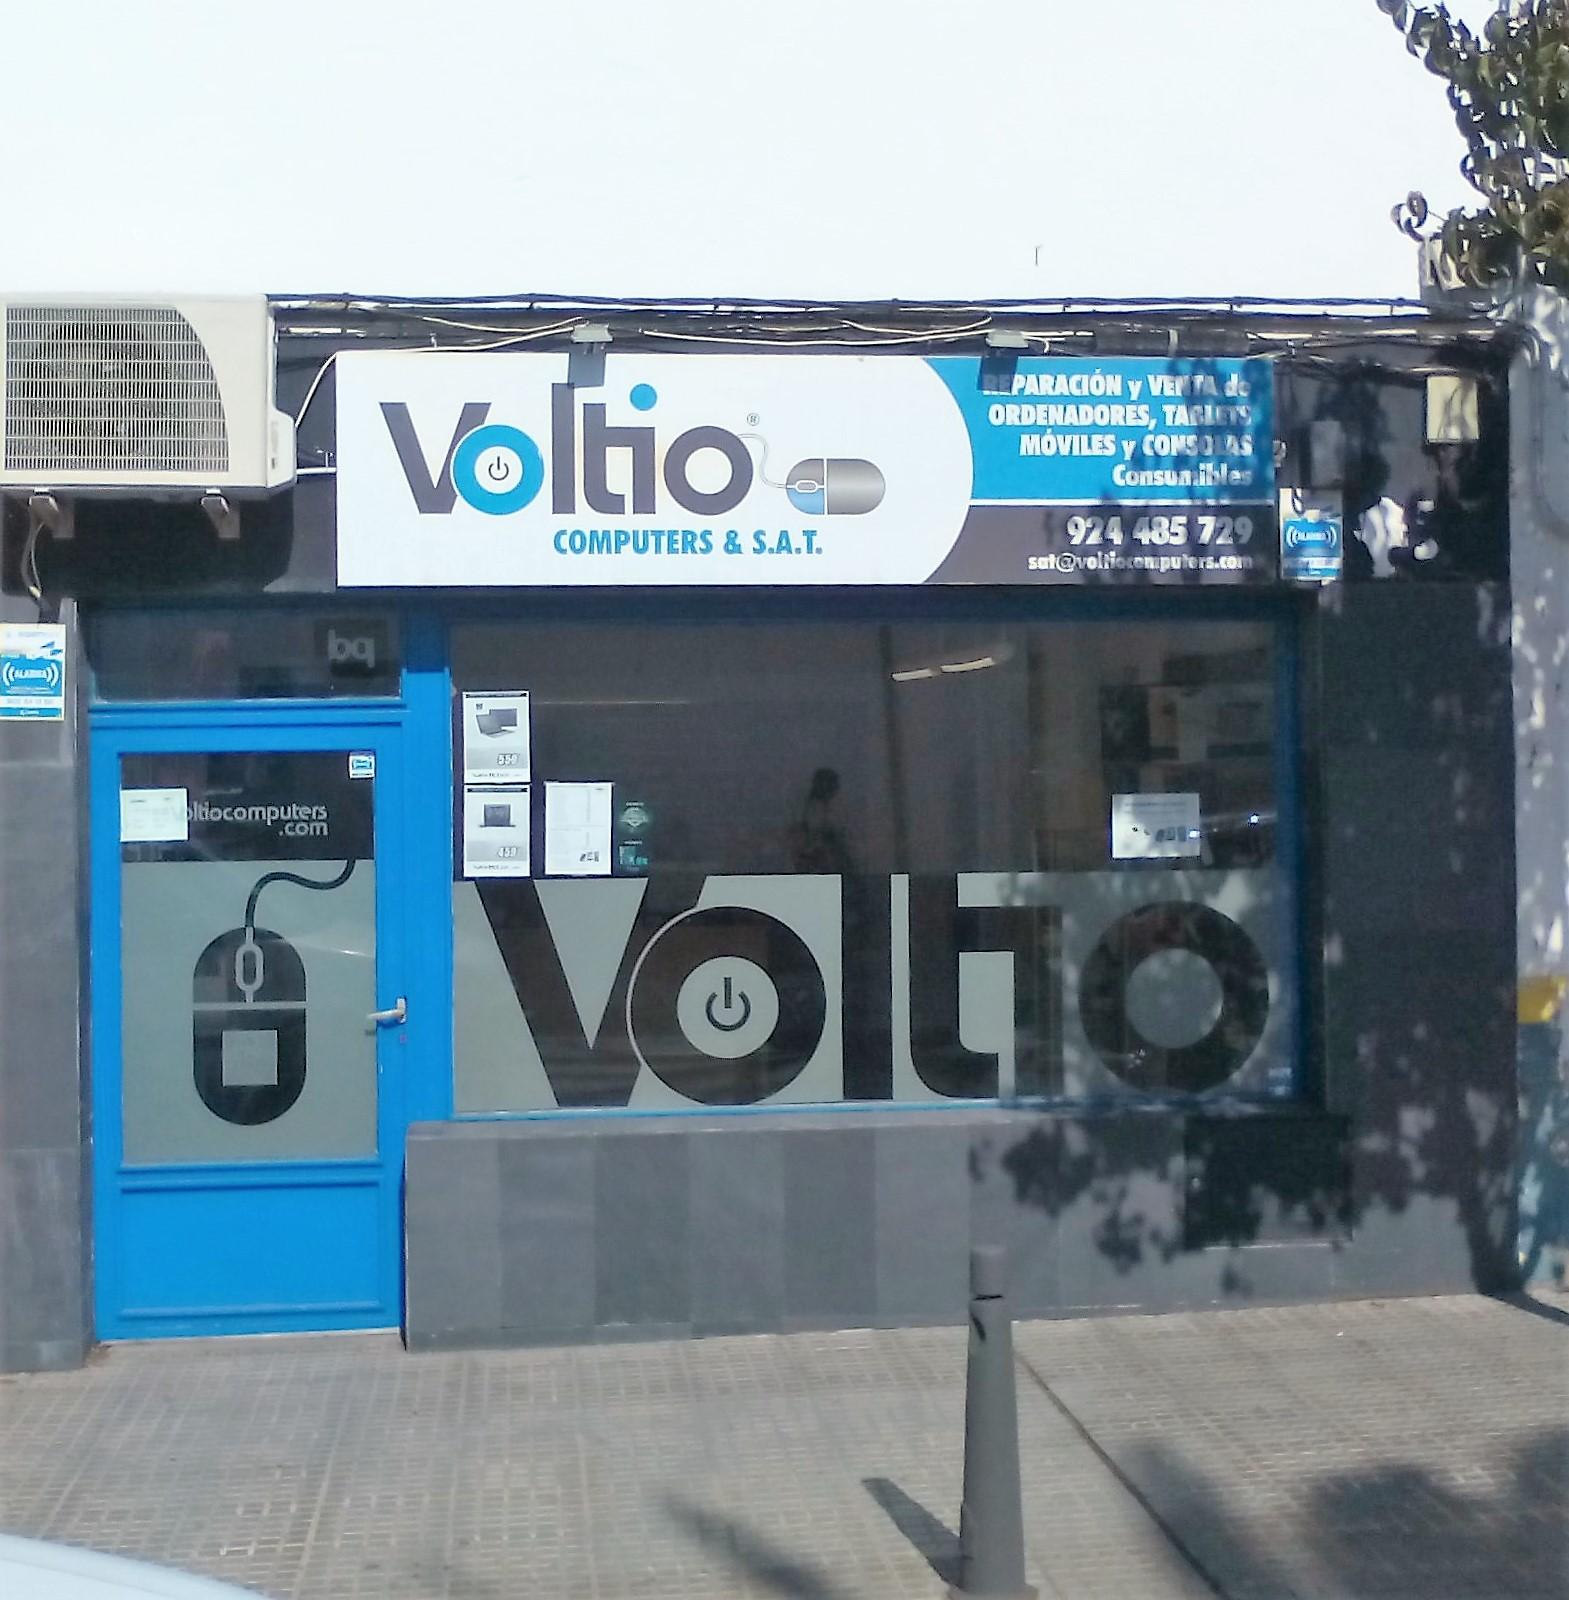 reparacion-venta-oredenadores-moviles-merida-voltio